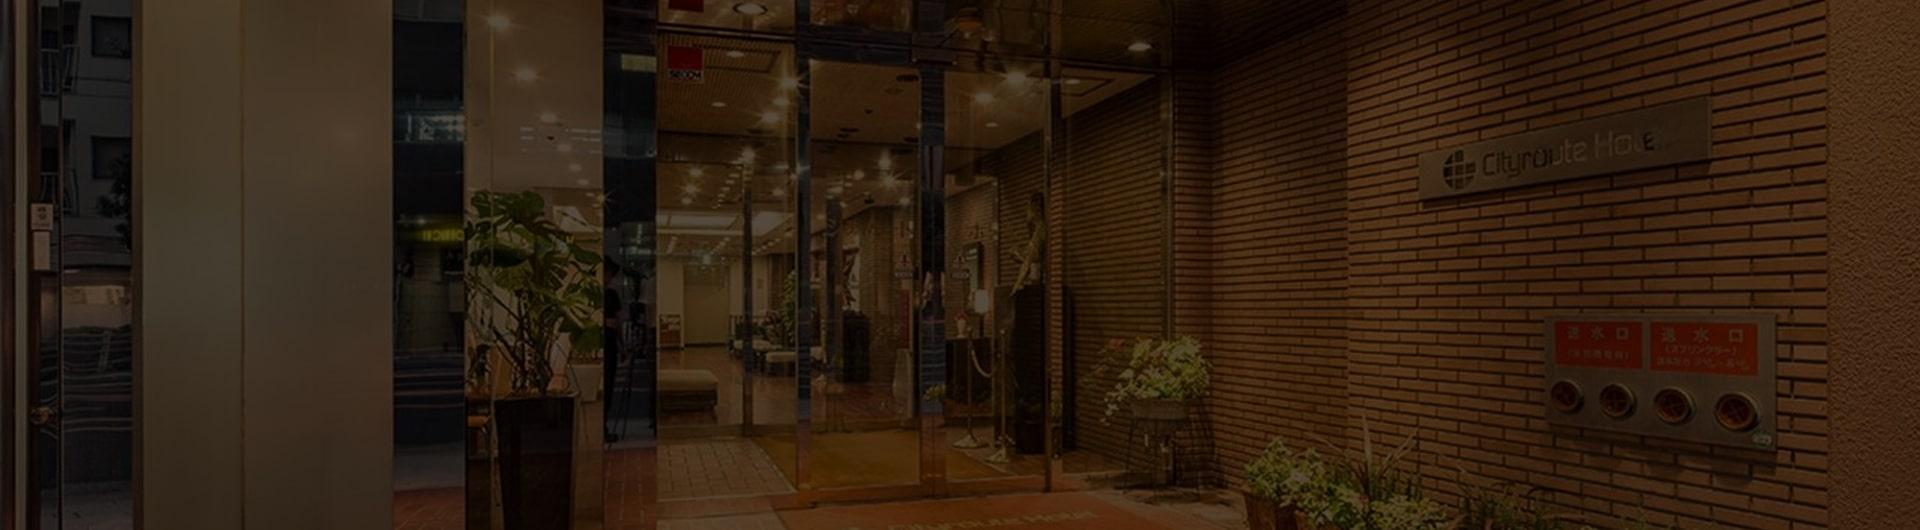 シティルートホテルのPV映像